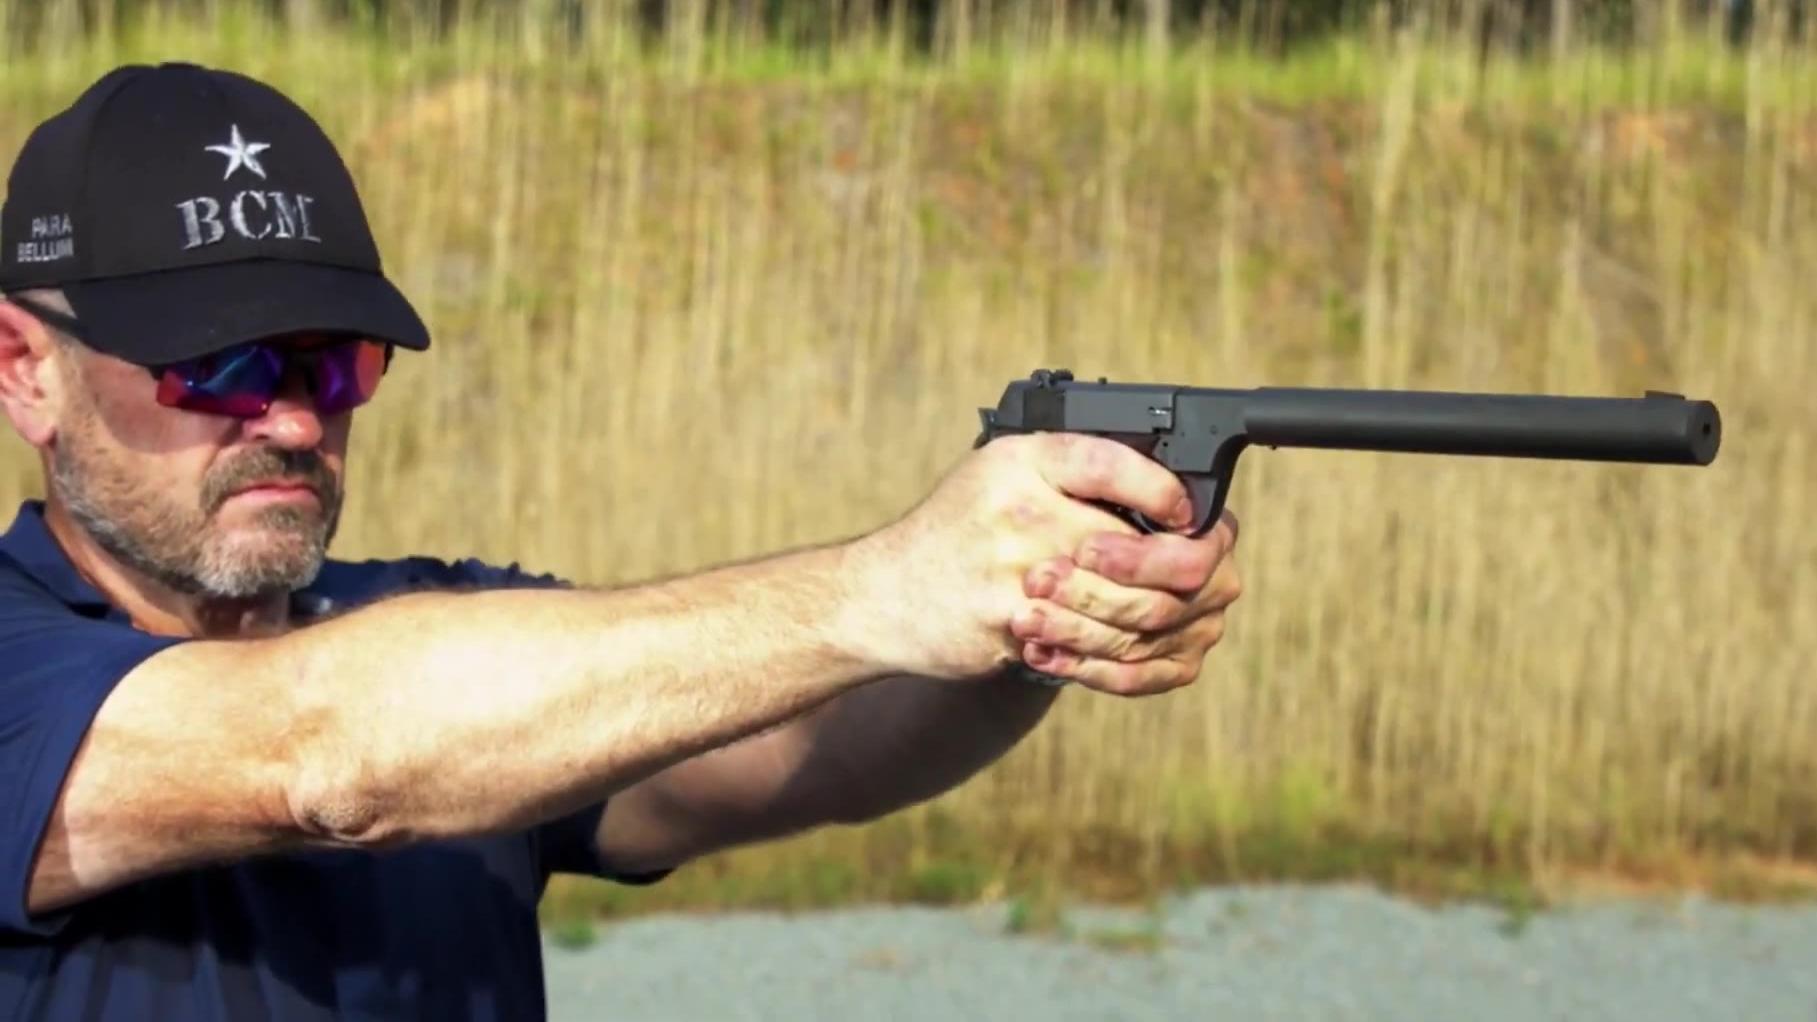 【名枪实弹】高标准HDM手枪